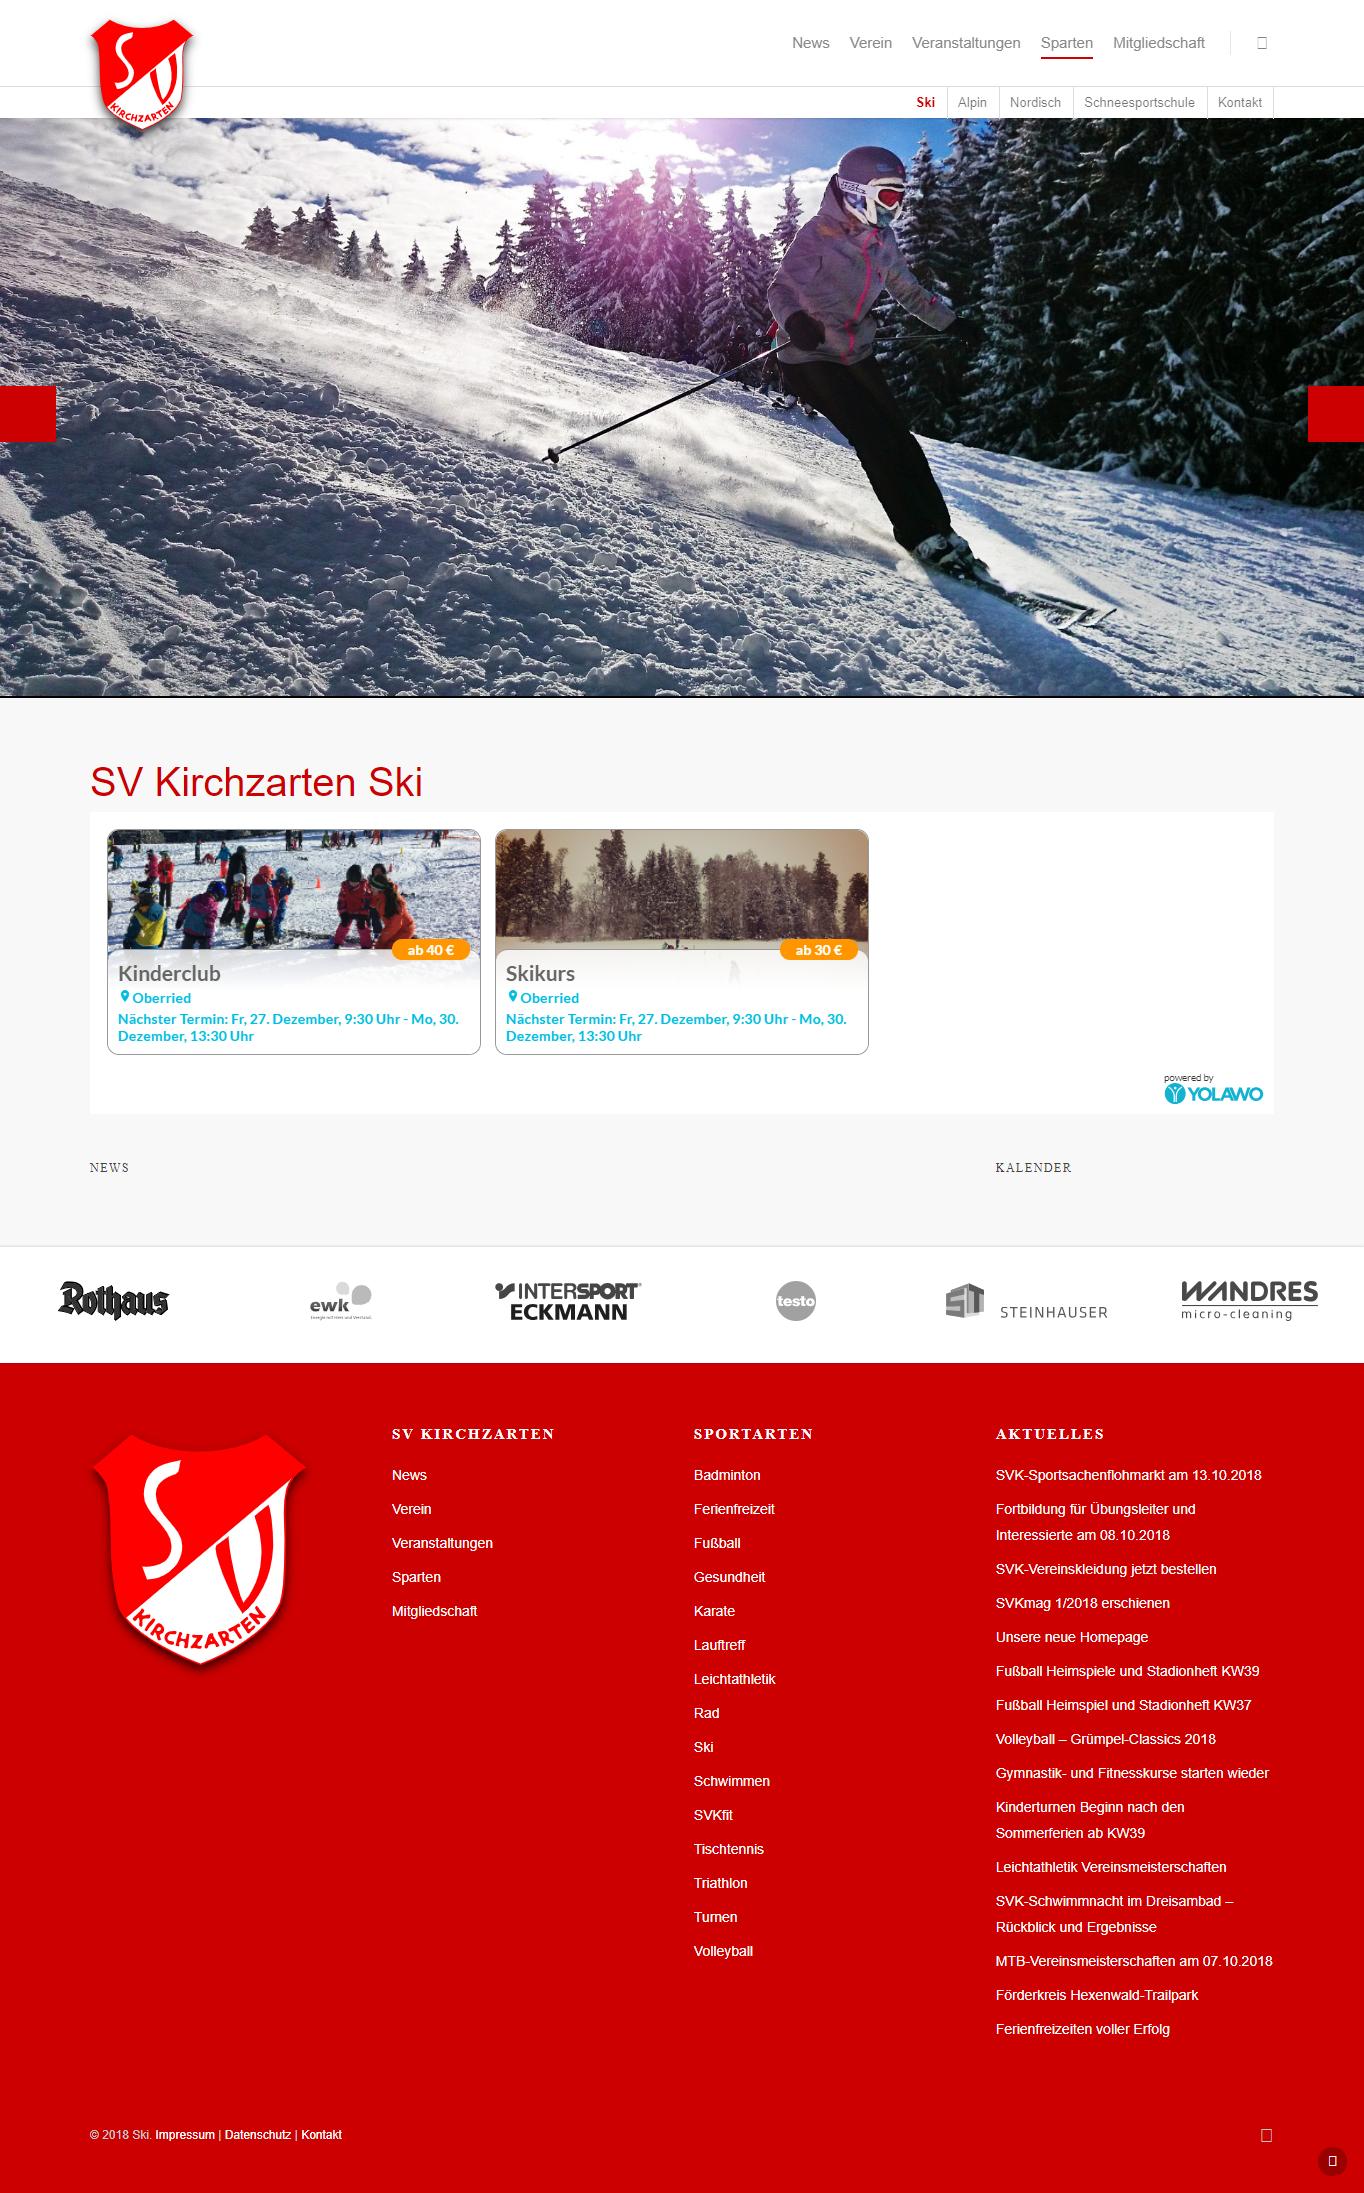 SVK_activities